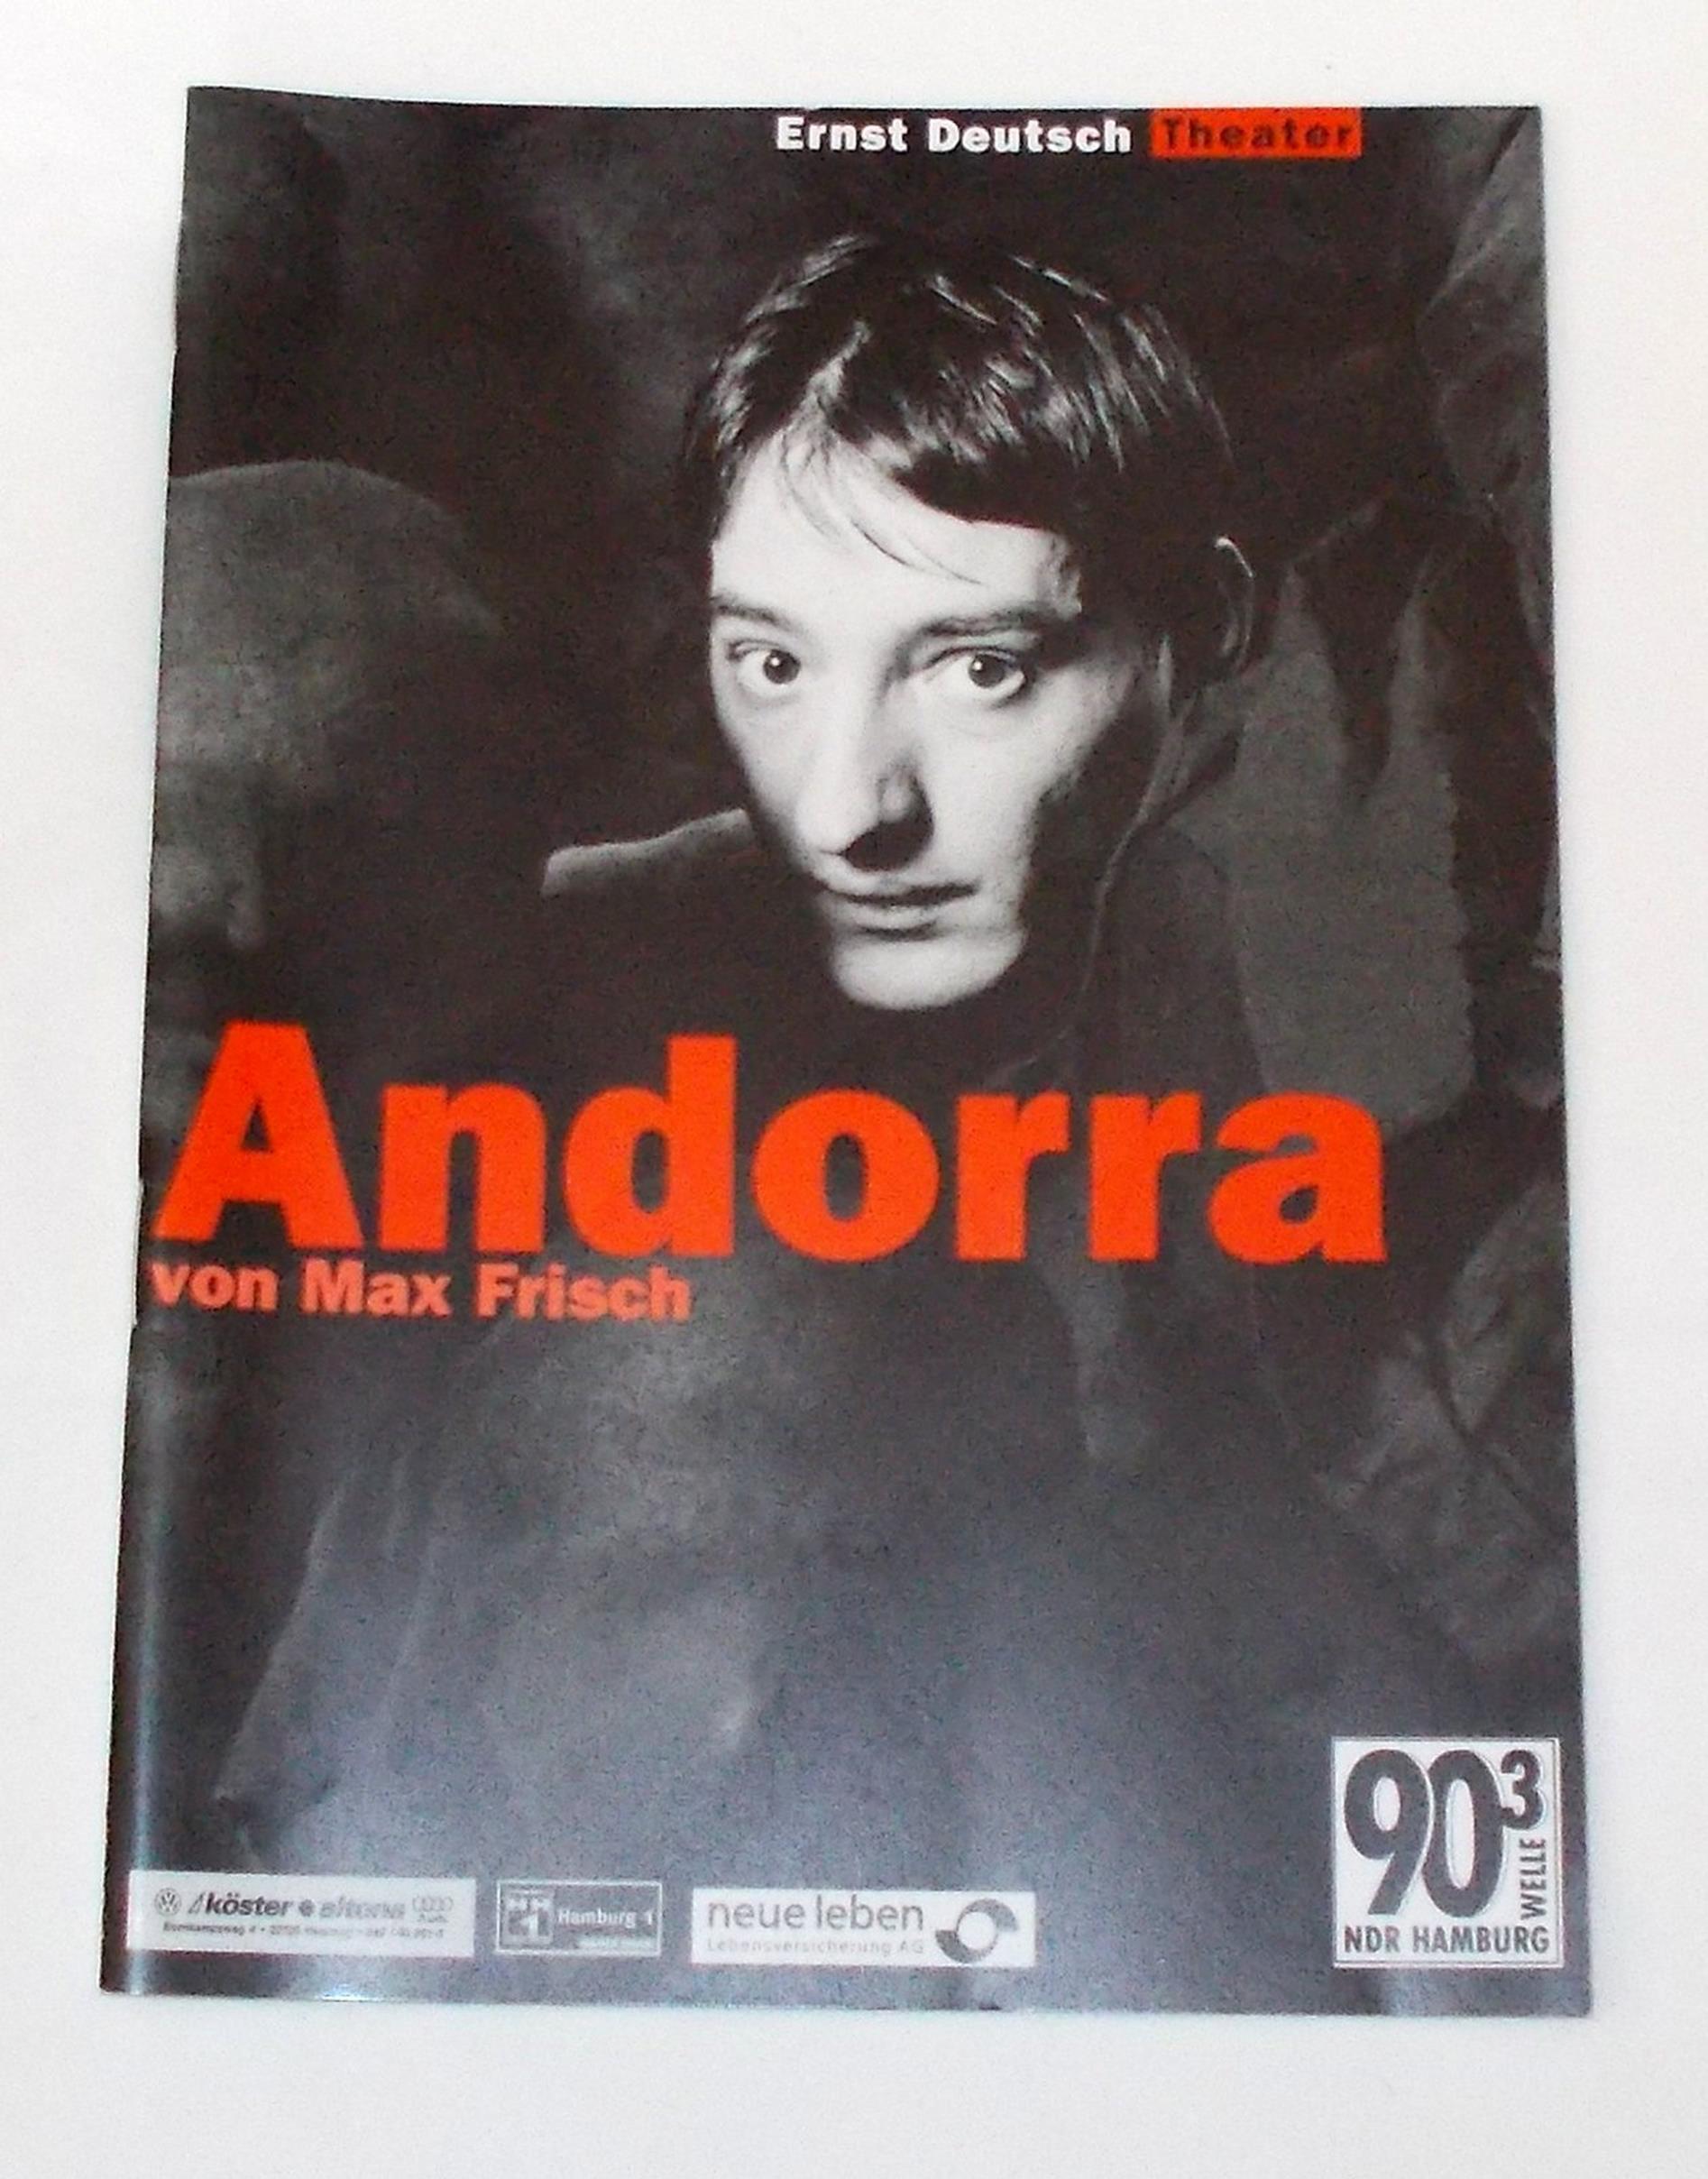 Programmheft ANDORRA von Max Frisch. Ernst Deutsch Theater 2000